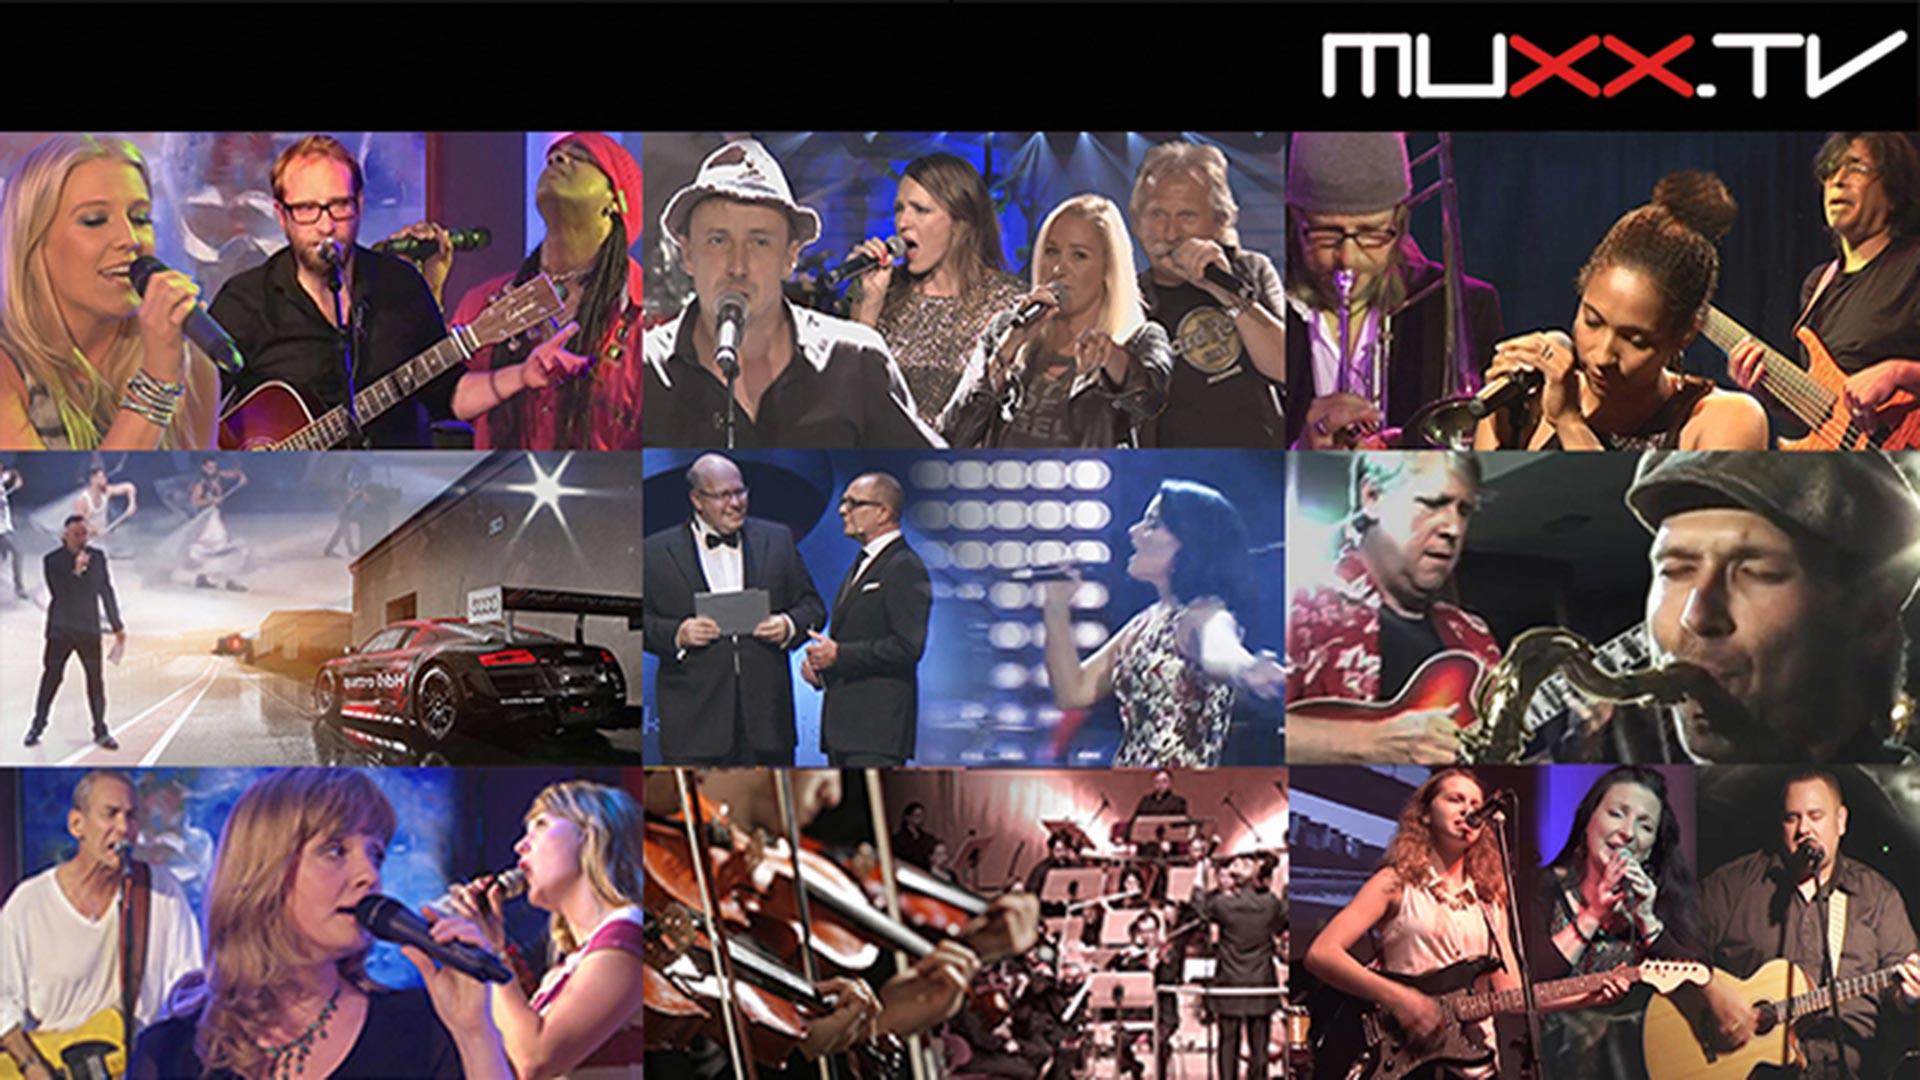 MUXXtv Der Live TV Sender Im Internet